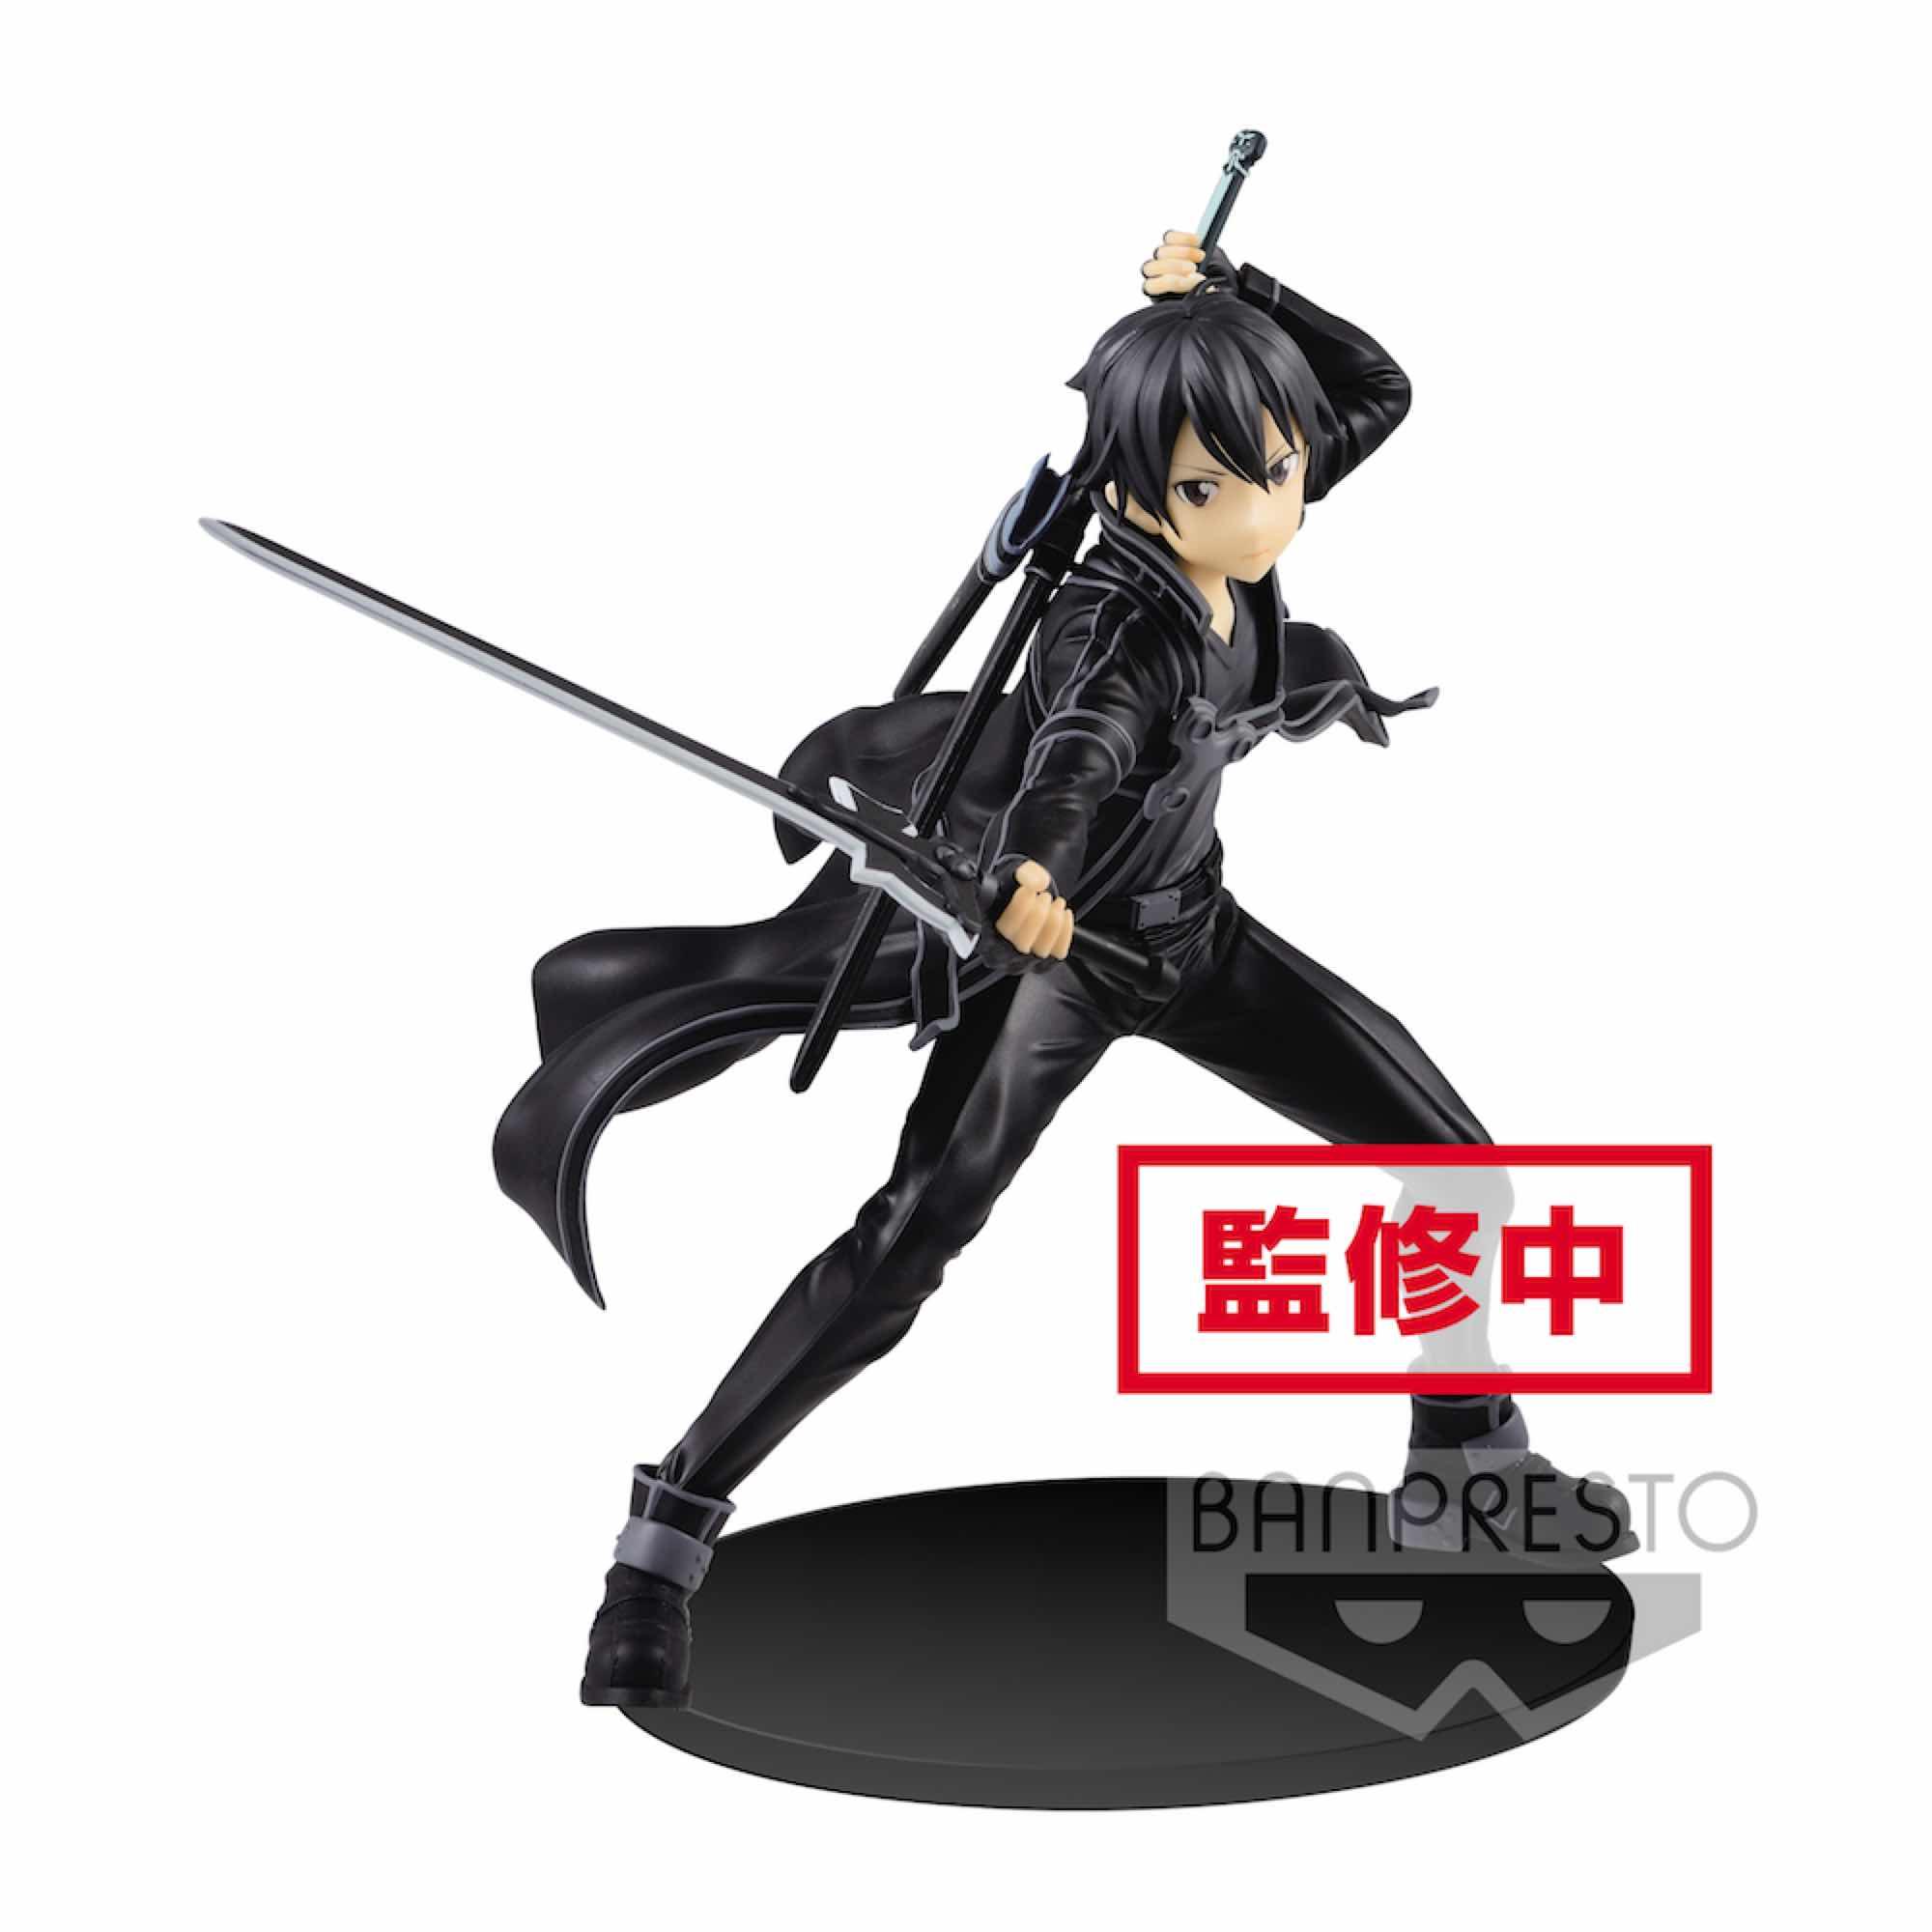 KIRITO FIGURA 20 CM SWORD ART ONLINE EXQ